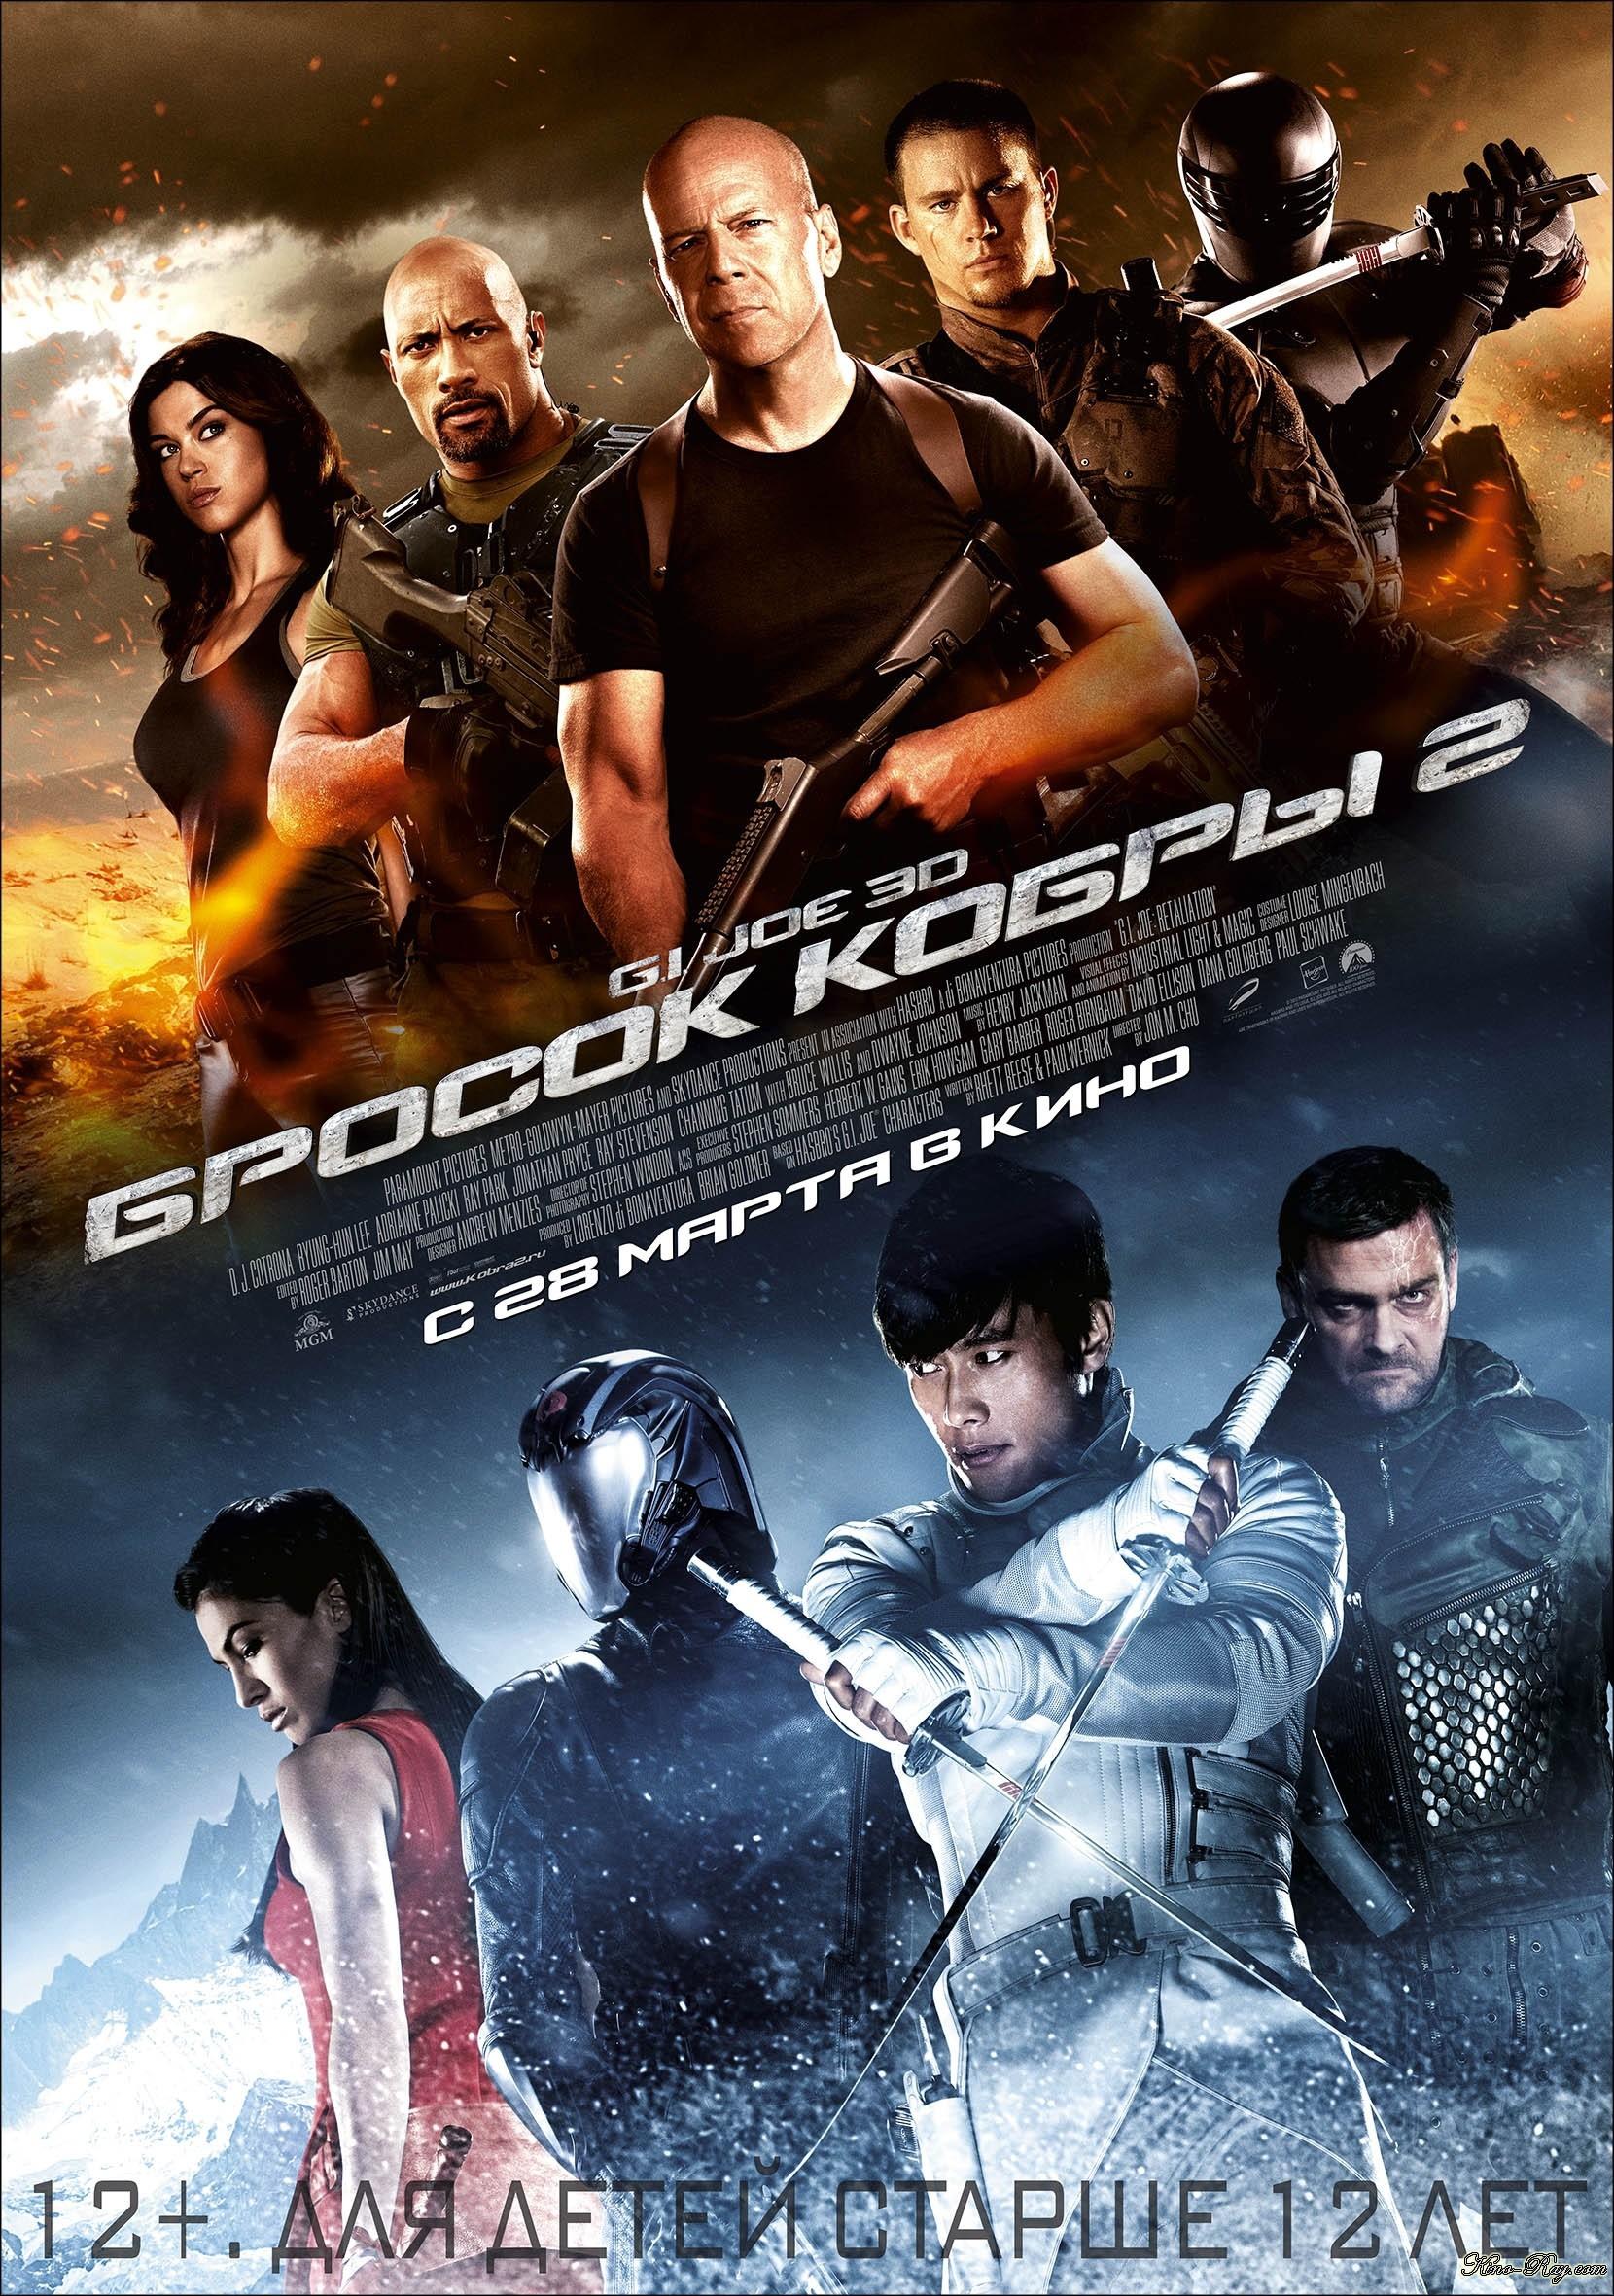 G.I. Joe: Retaliation - Movie Poster #11 (Original)